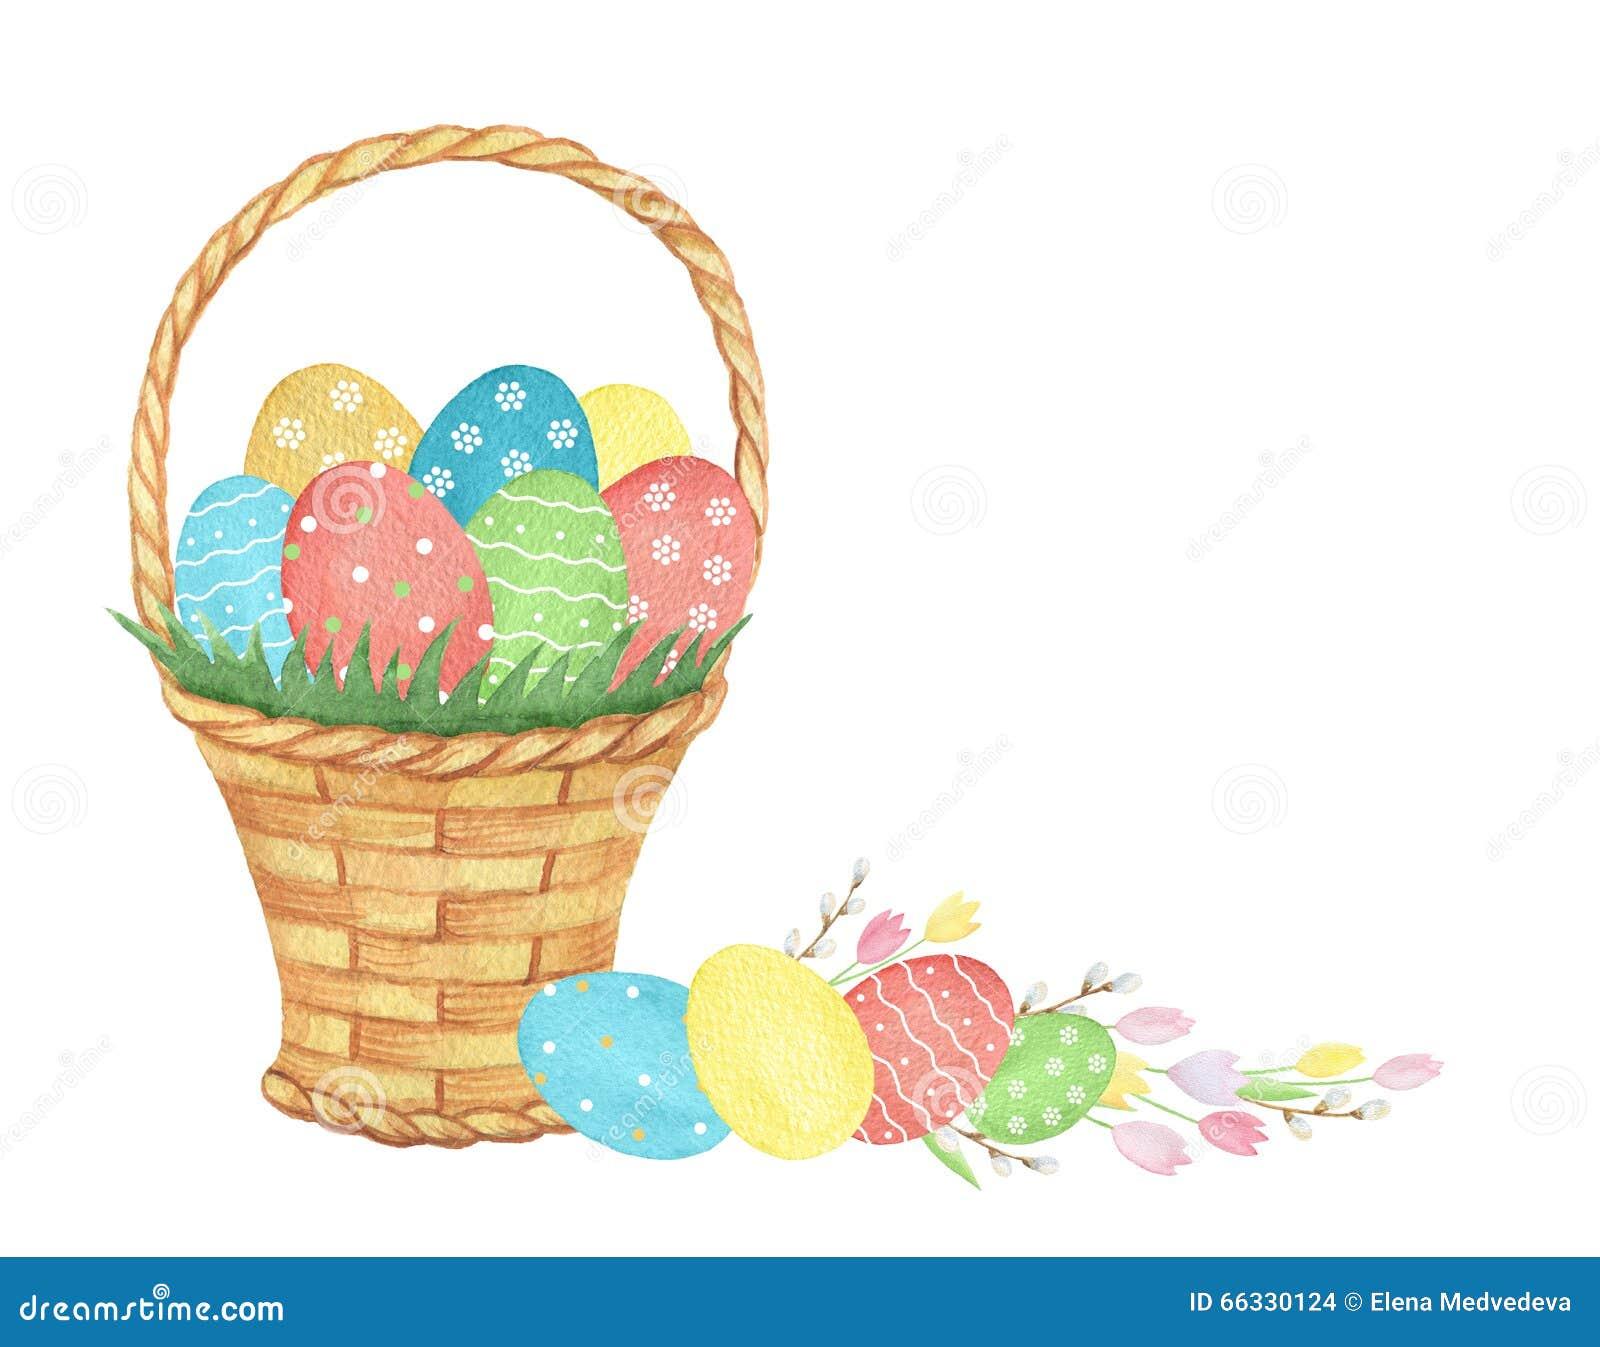 Flower Baskets Vector : Watercolor easter basket stock illustration